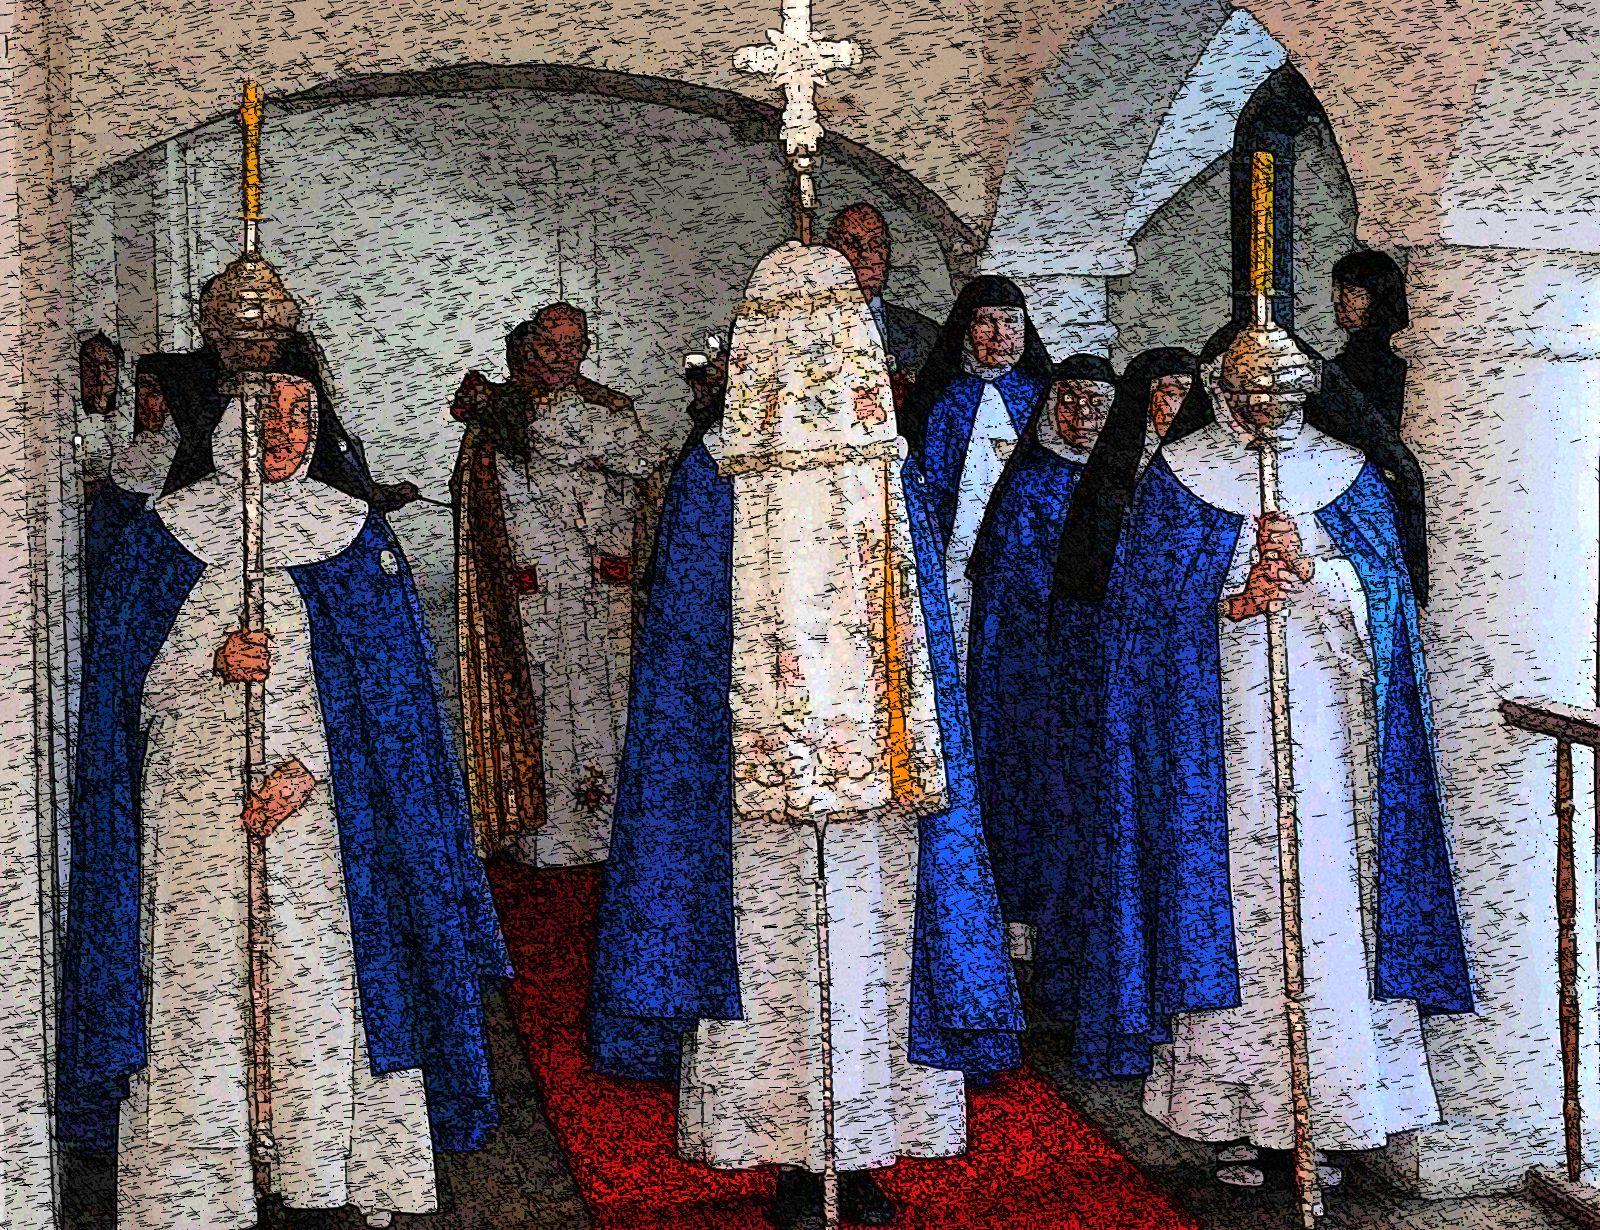 La Virgen María Avisó hace 4 siglos la Crisis Actual en la Iglesia